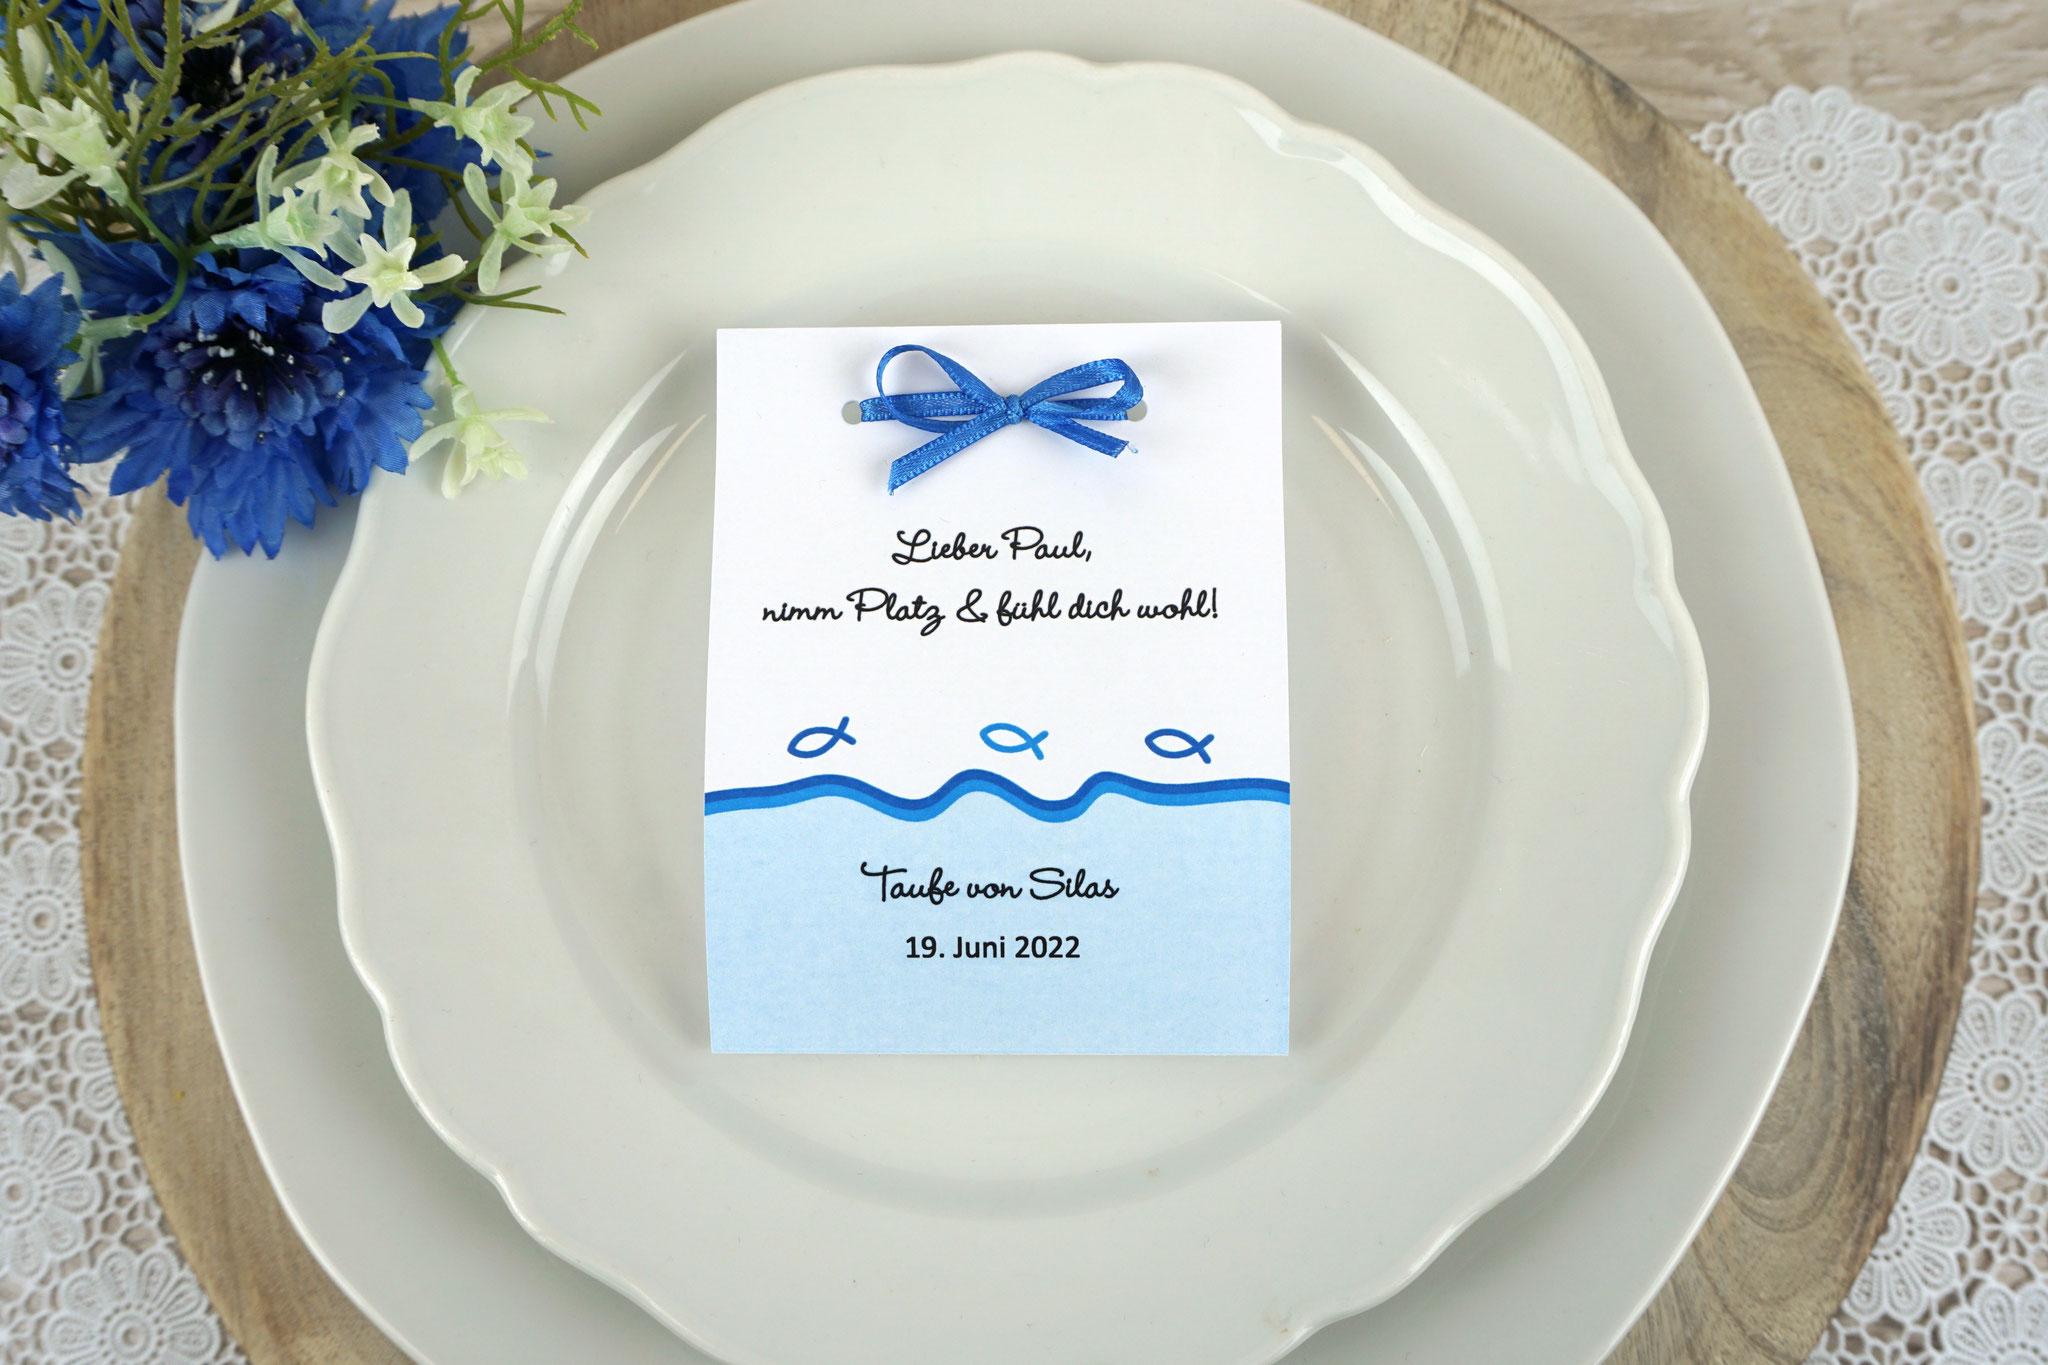 Fruchtgummi Design Fisch Silhouette Blau - Schrift Wendy LP Light